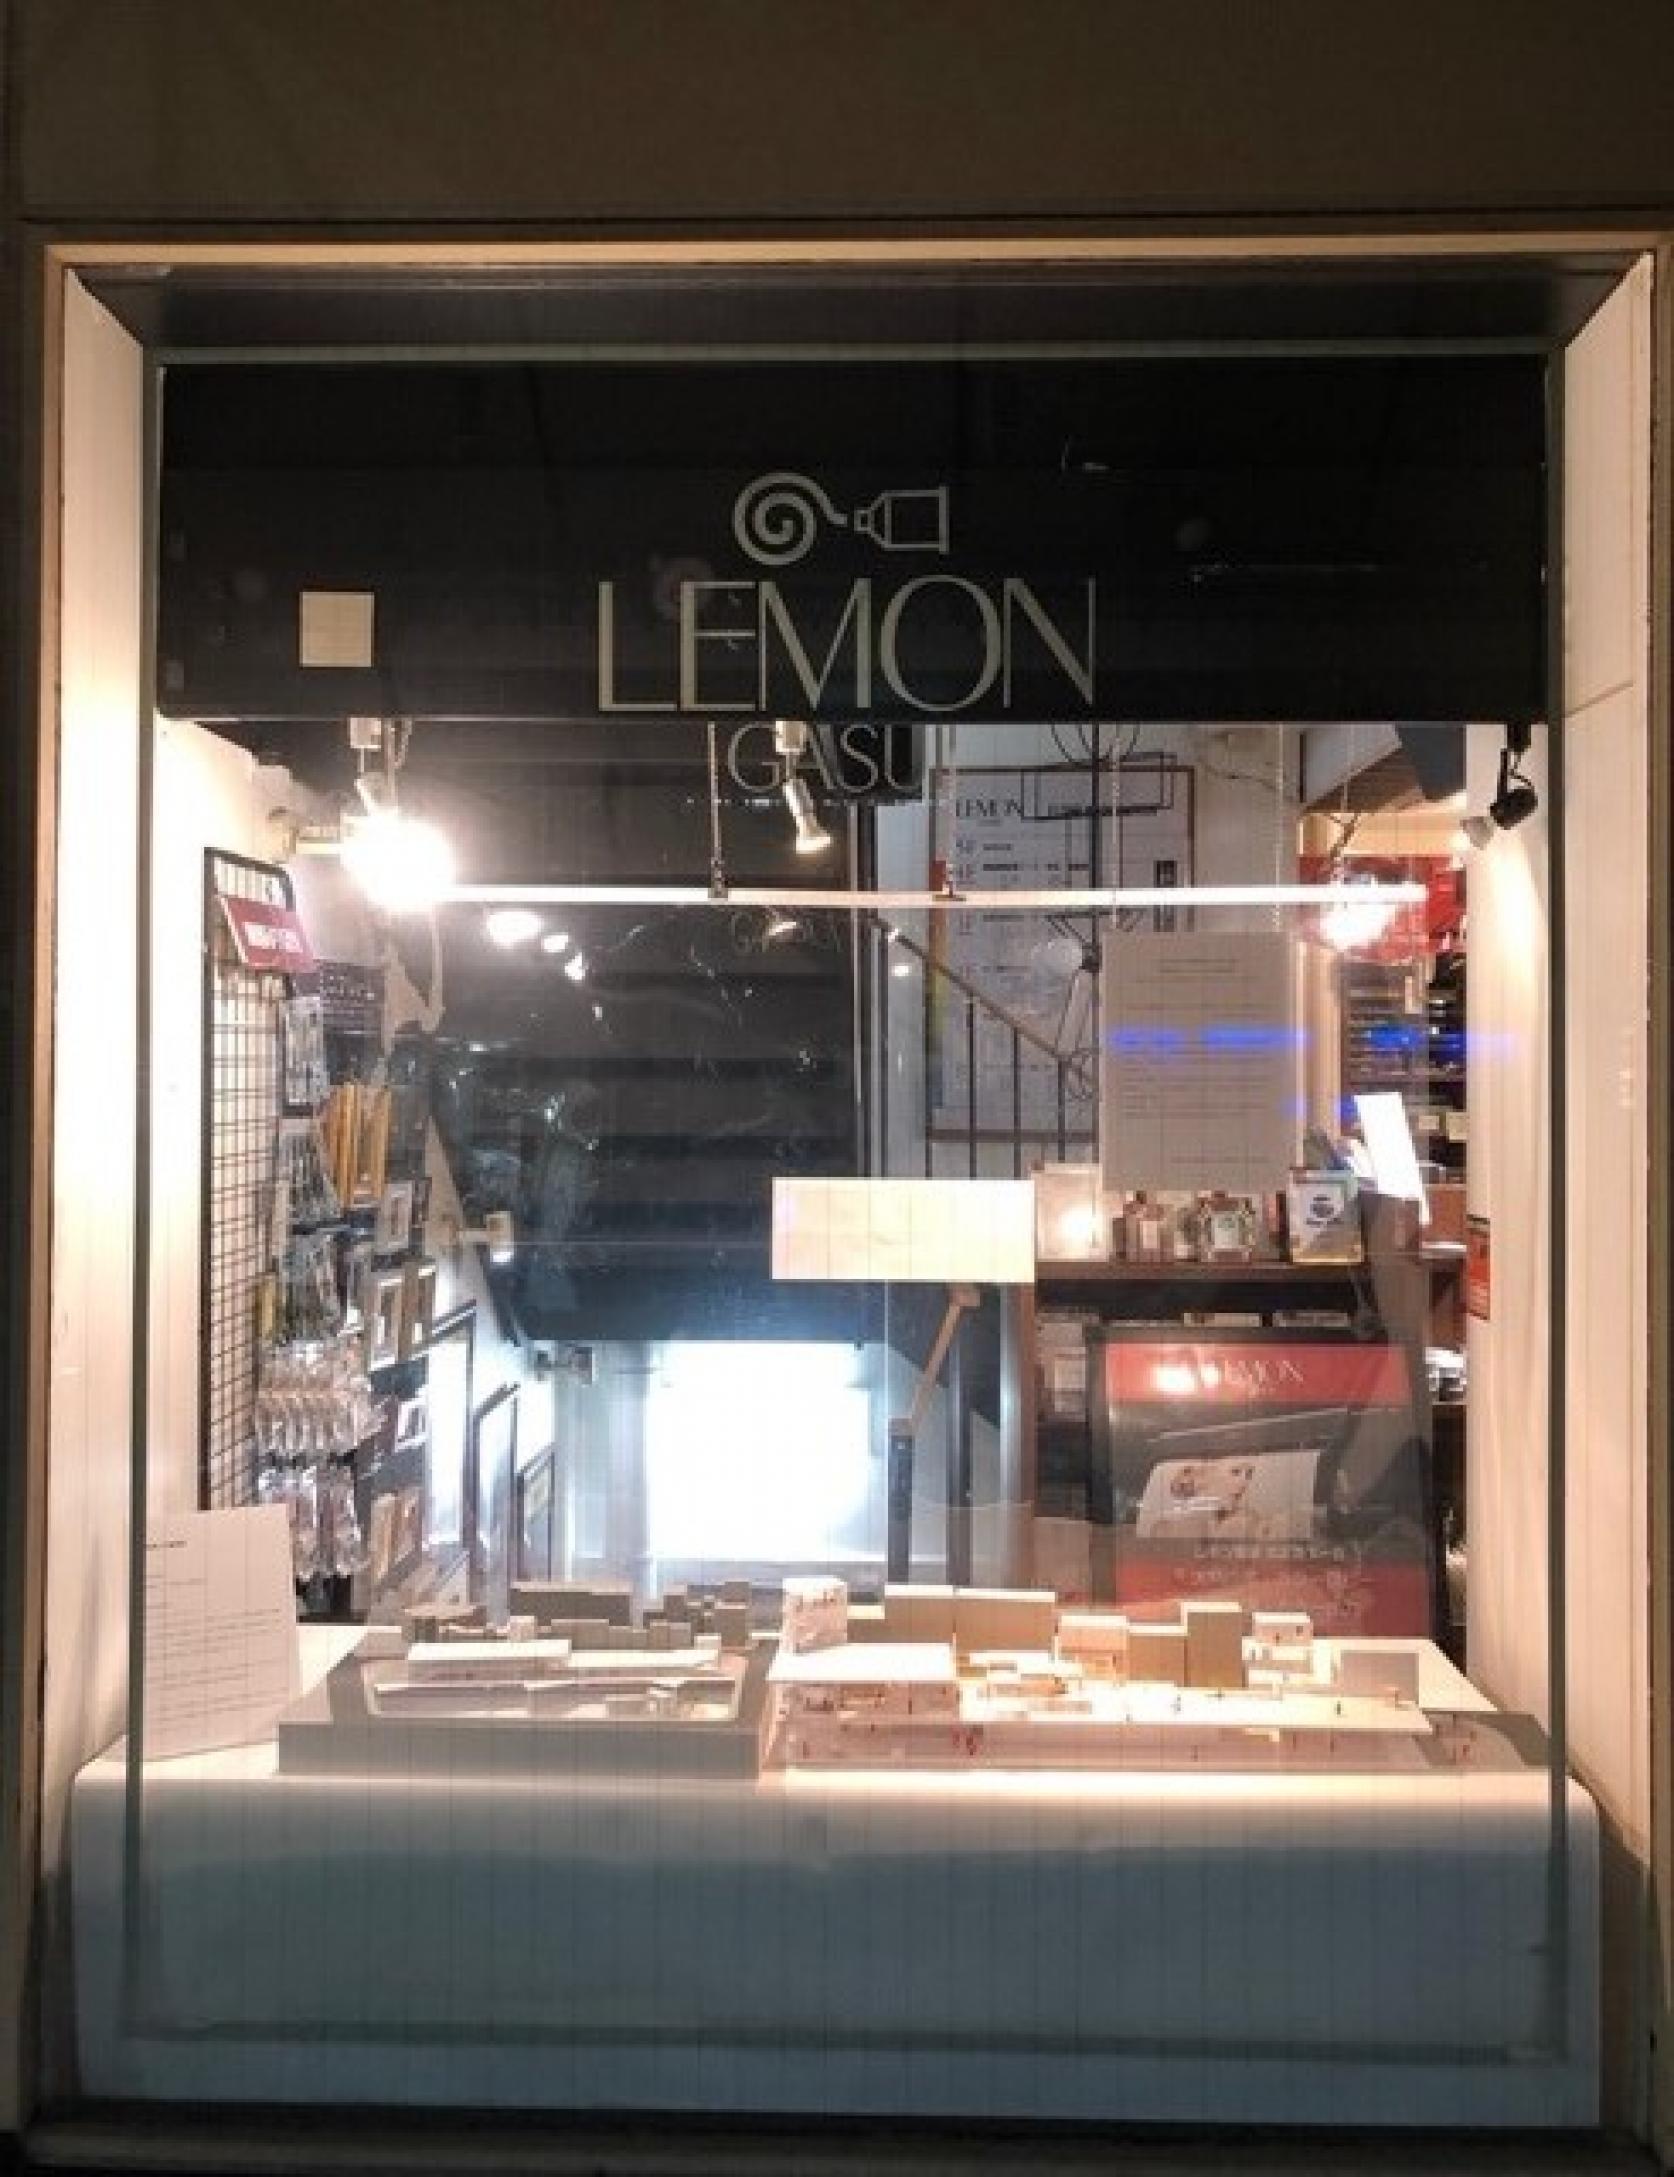 【9月21日(火)~11月15日(月)】レモン画翠1Fショーケースにて、建築学科4年生「建築設計Ⅵ」作品展示